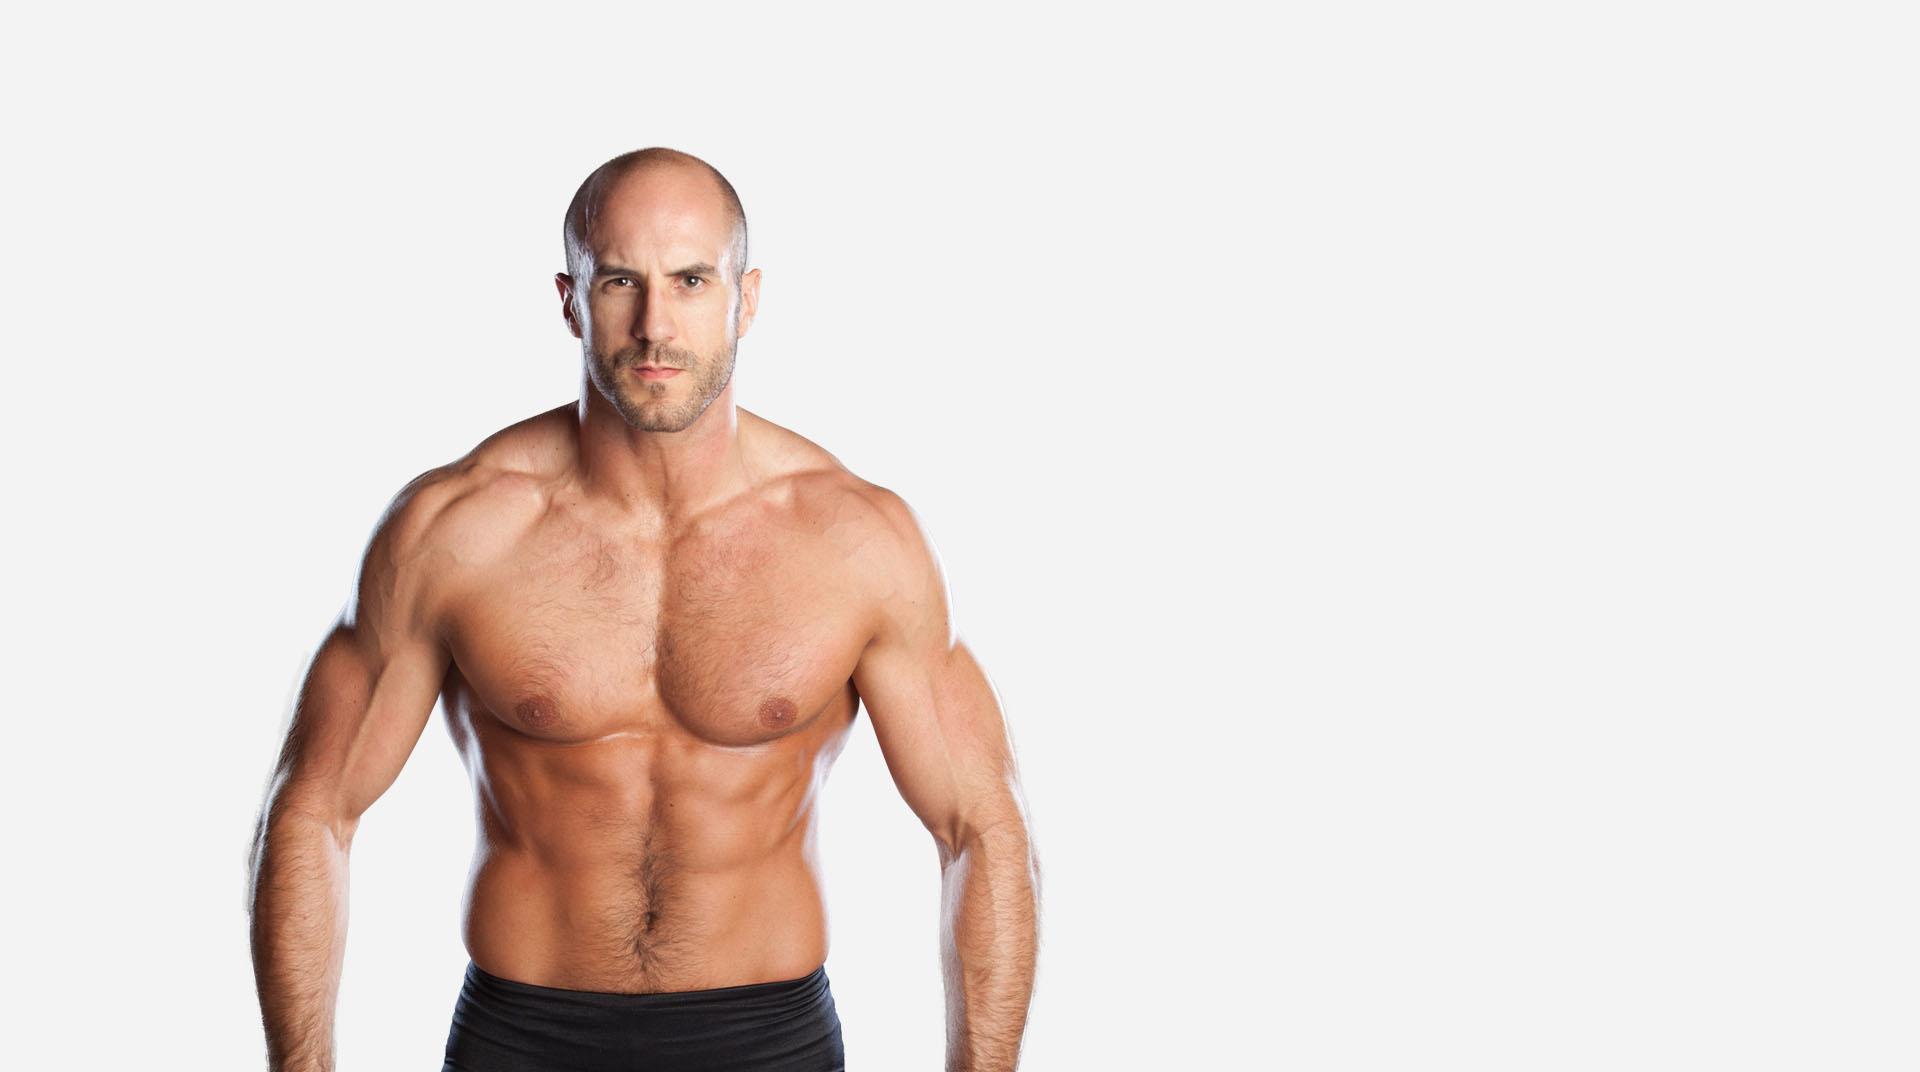 comprare steroidi anabolizzanti italia